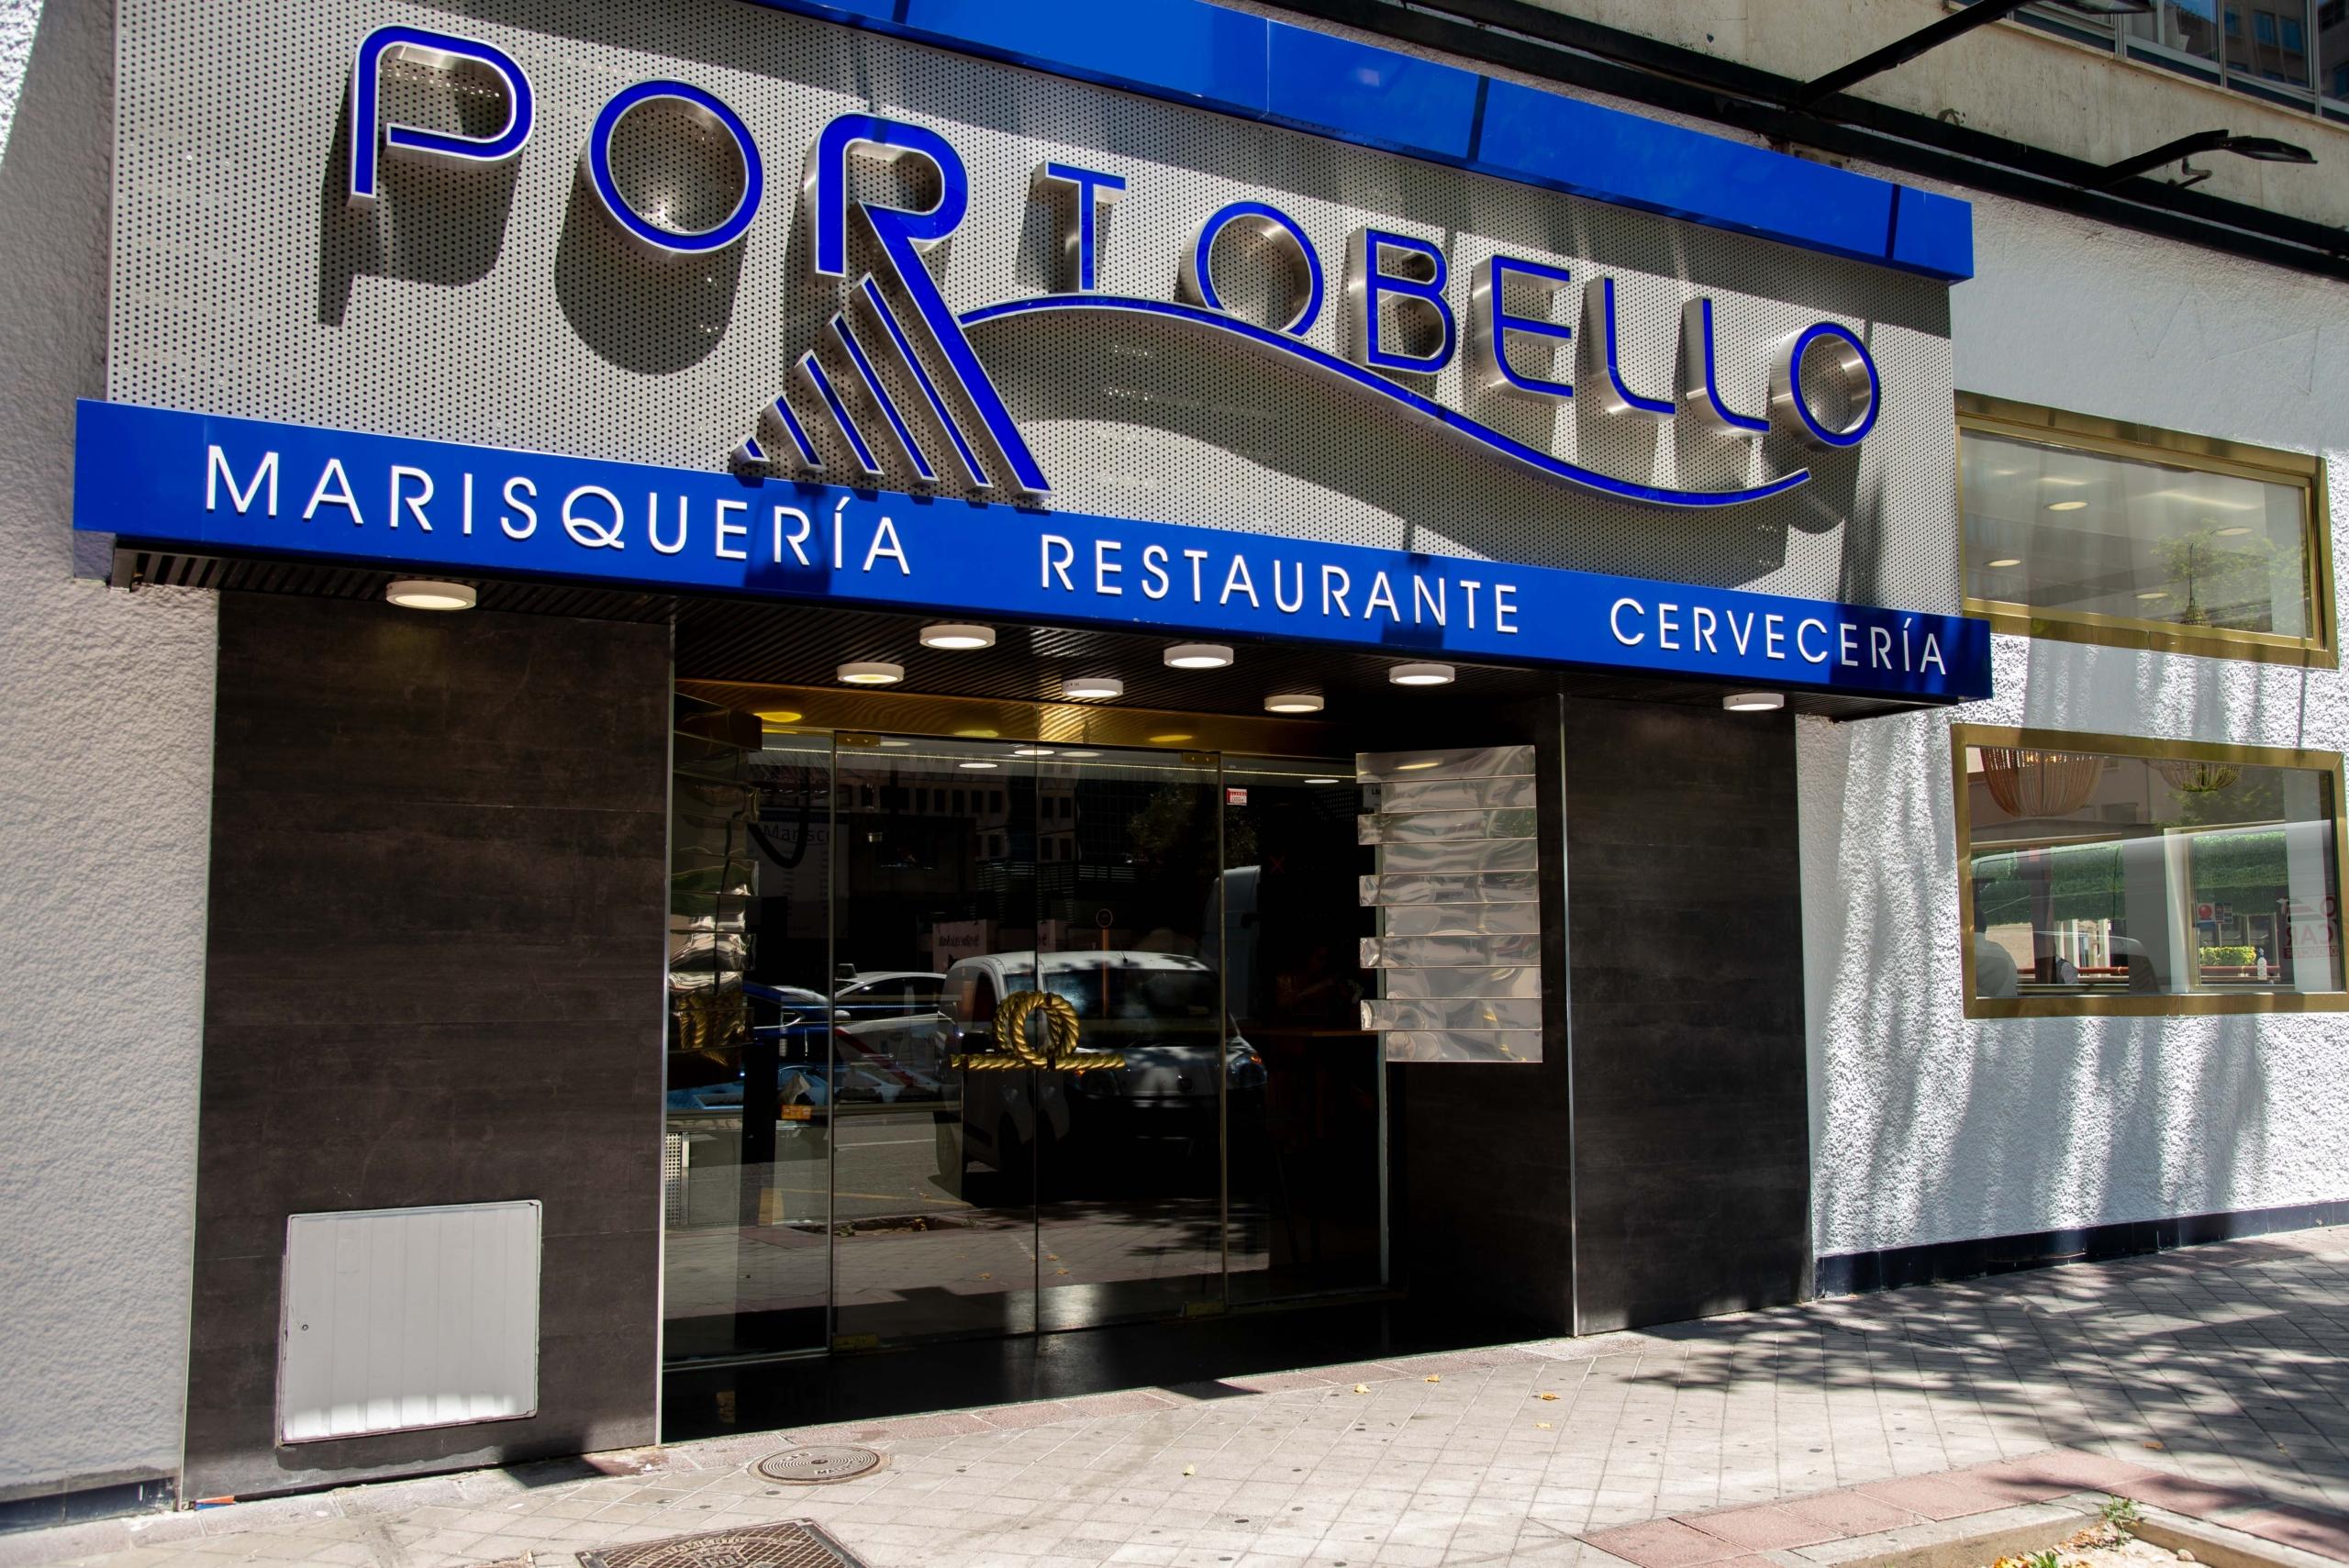 portobello marisqueria Marisqueria Restaurante Cerveceria C/Rosario Pino, 18, 28020 Madrid - T. 910 186 912